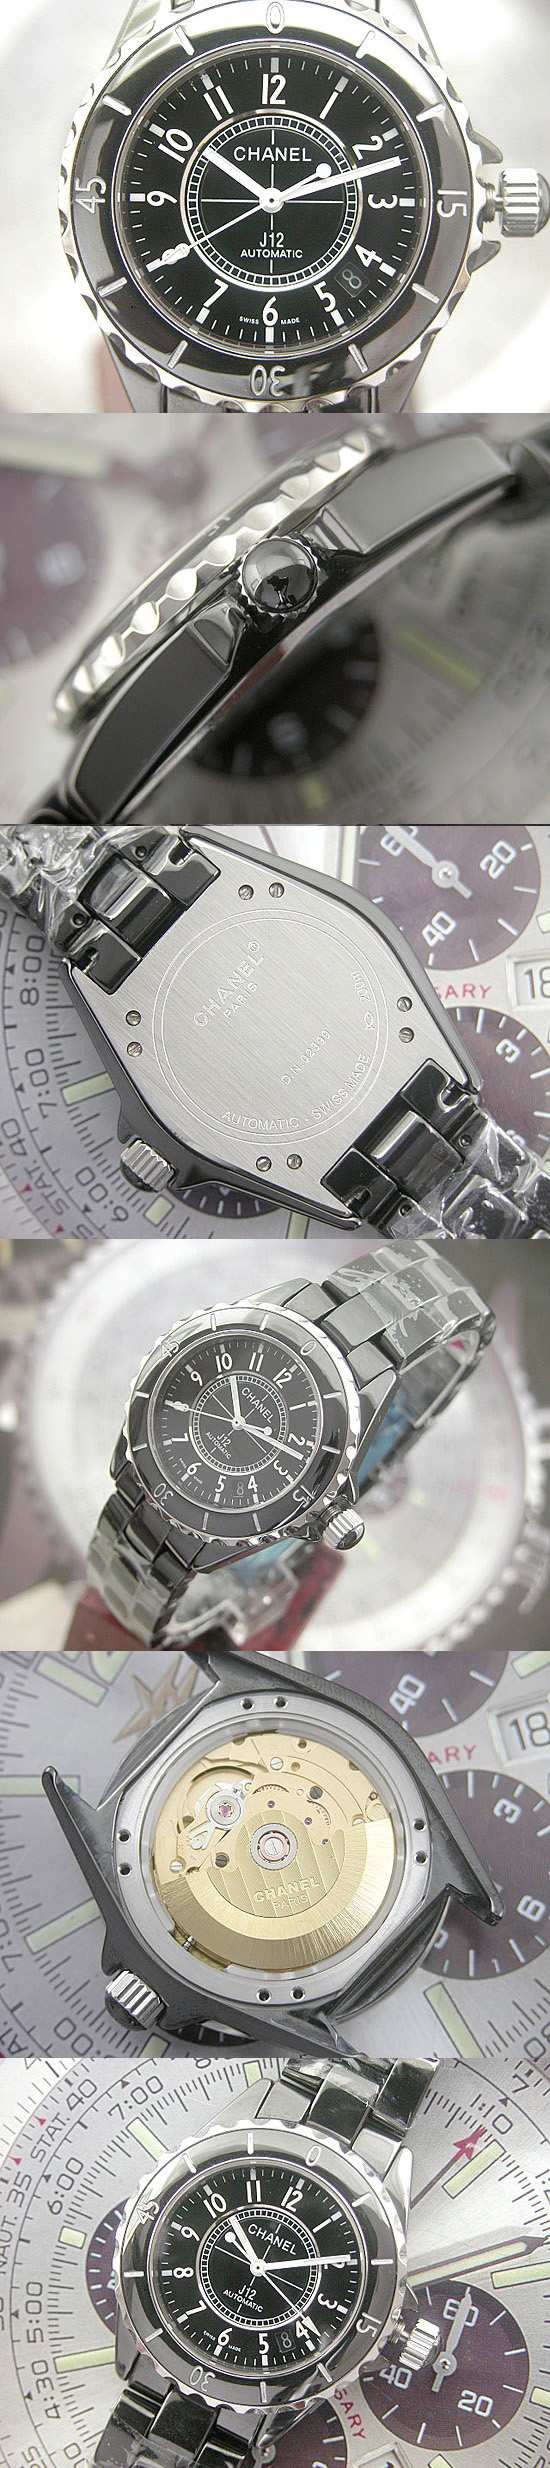 おしゃれなブランド時計がシャネル-CHANEL-H0685-J12-男性用を提供します.